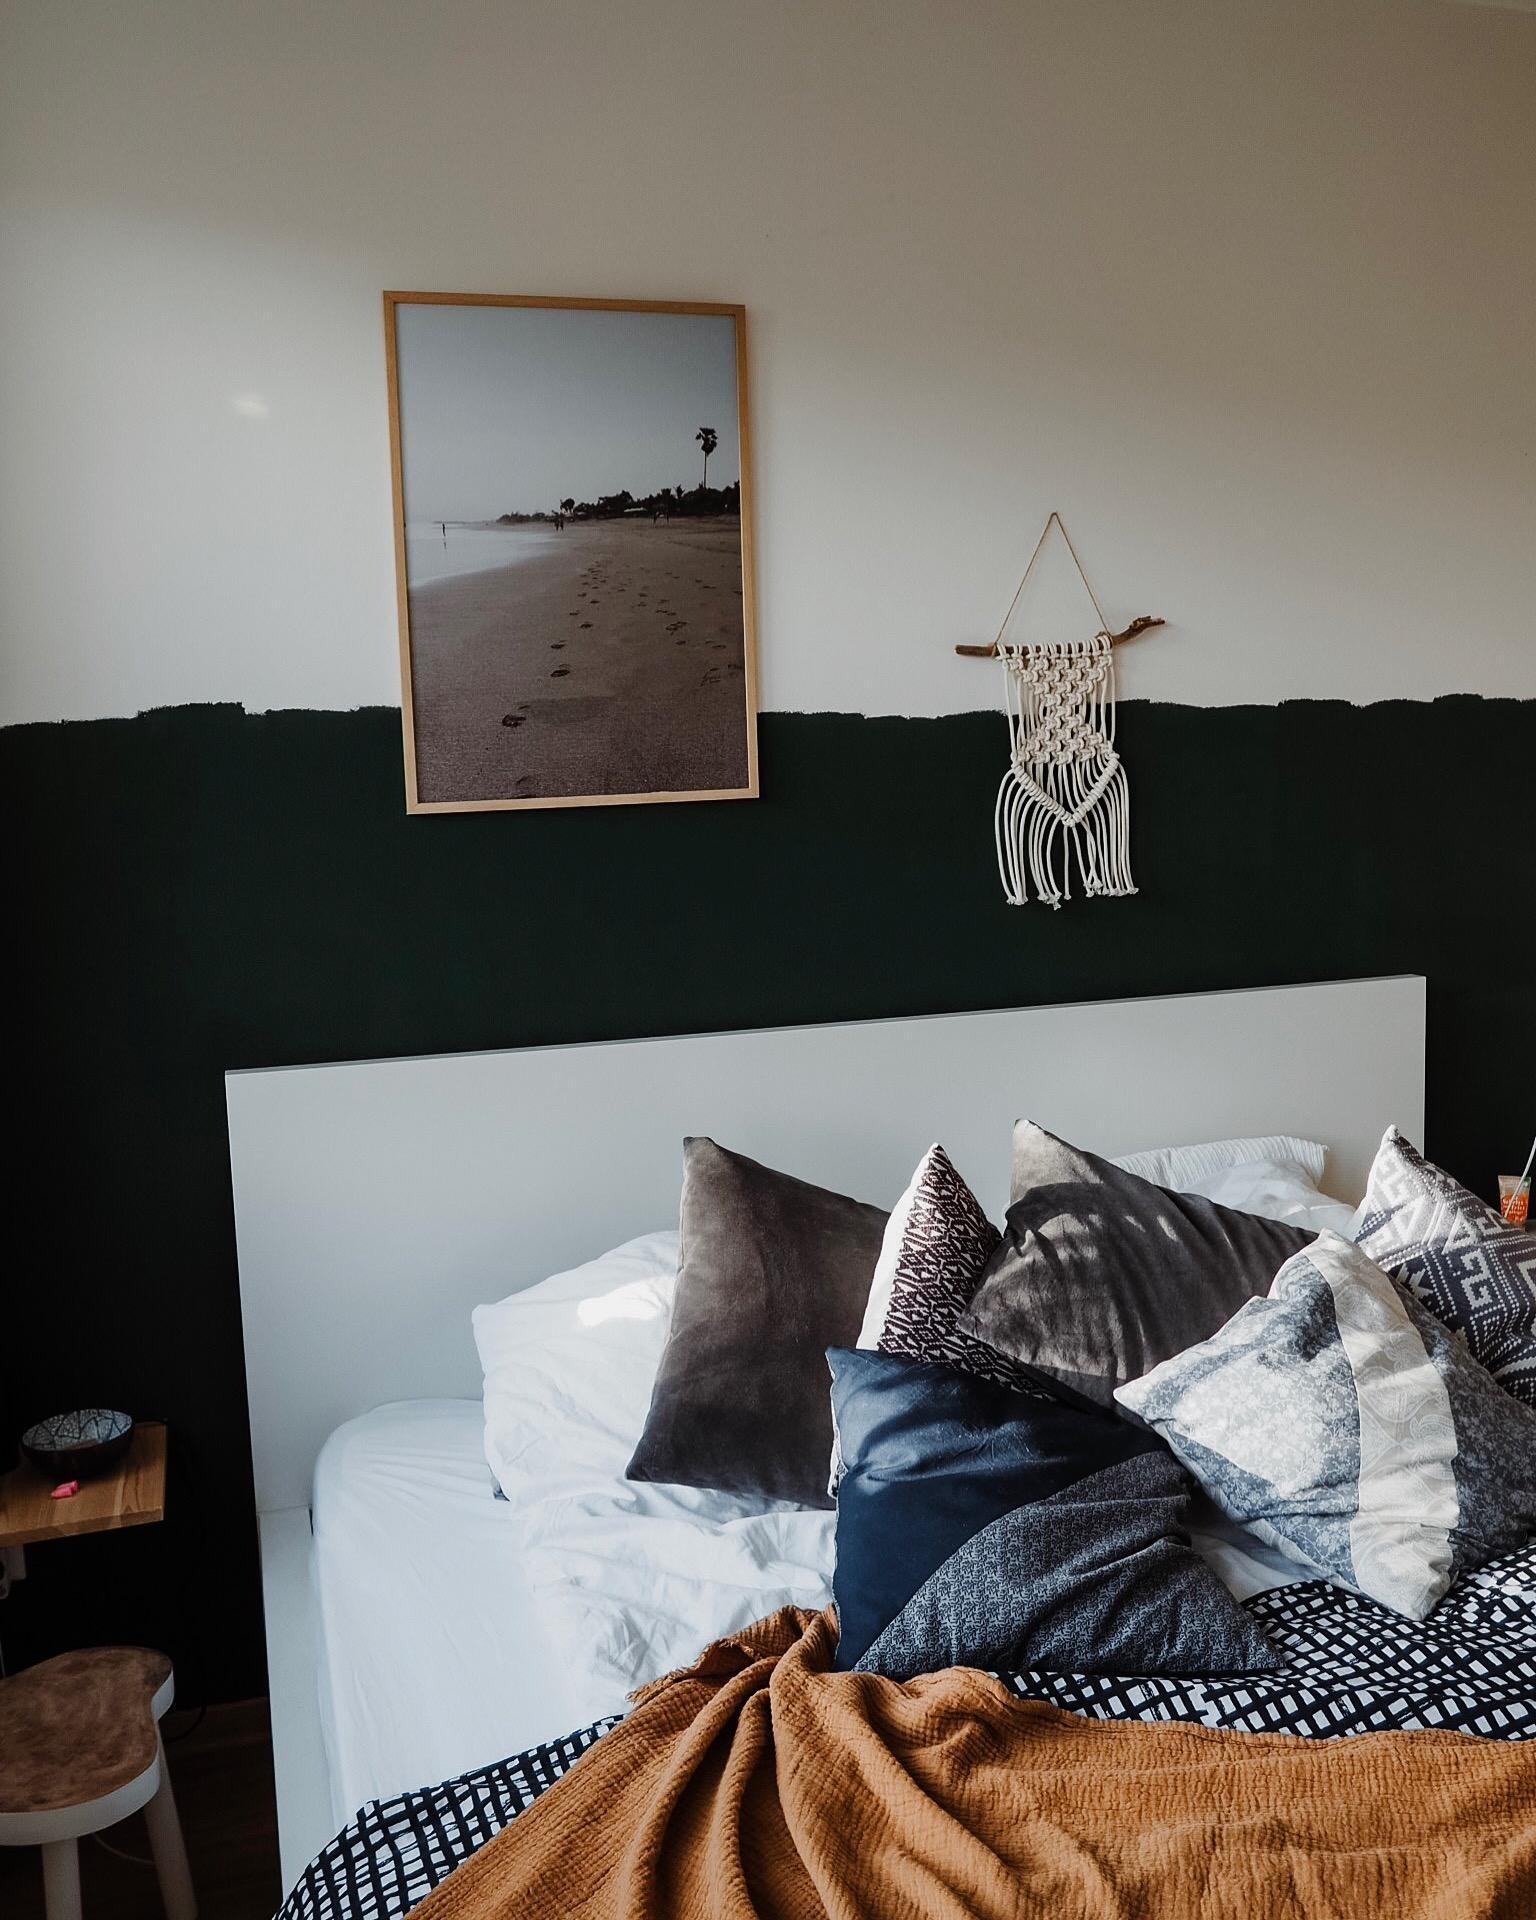 Unser Bett #schlafzimmer #bedroom #grünewand #wandfarbe #boho